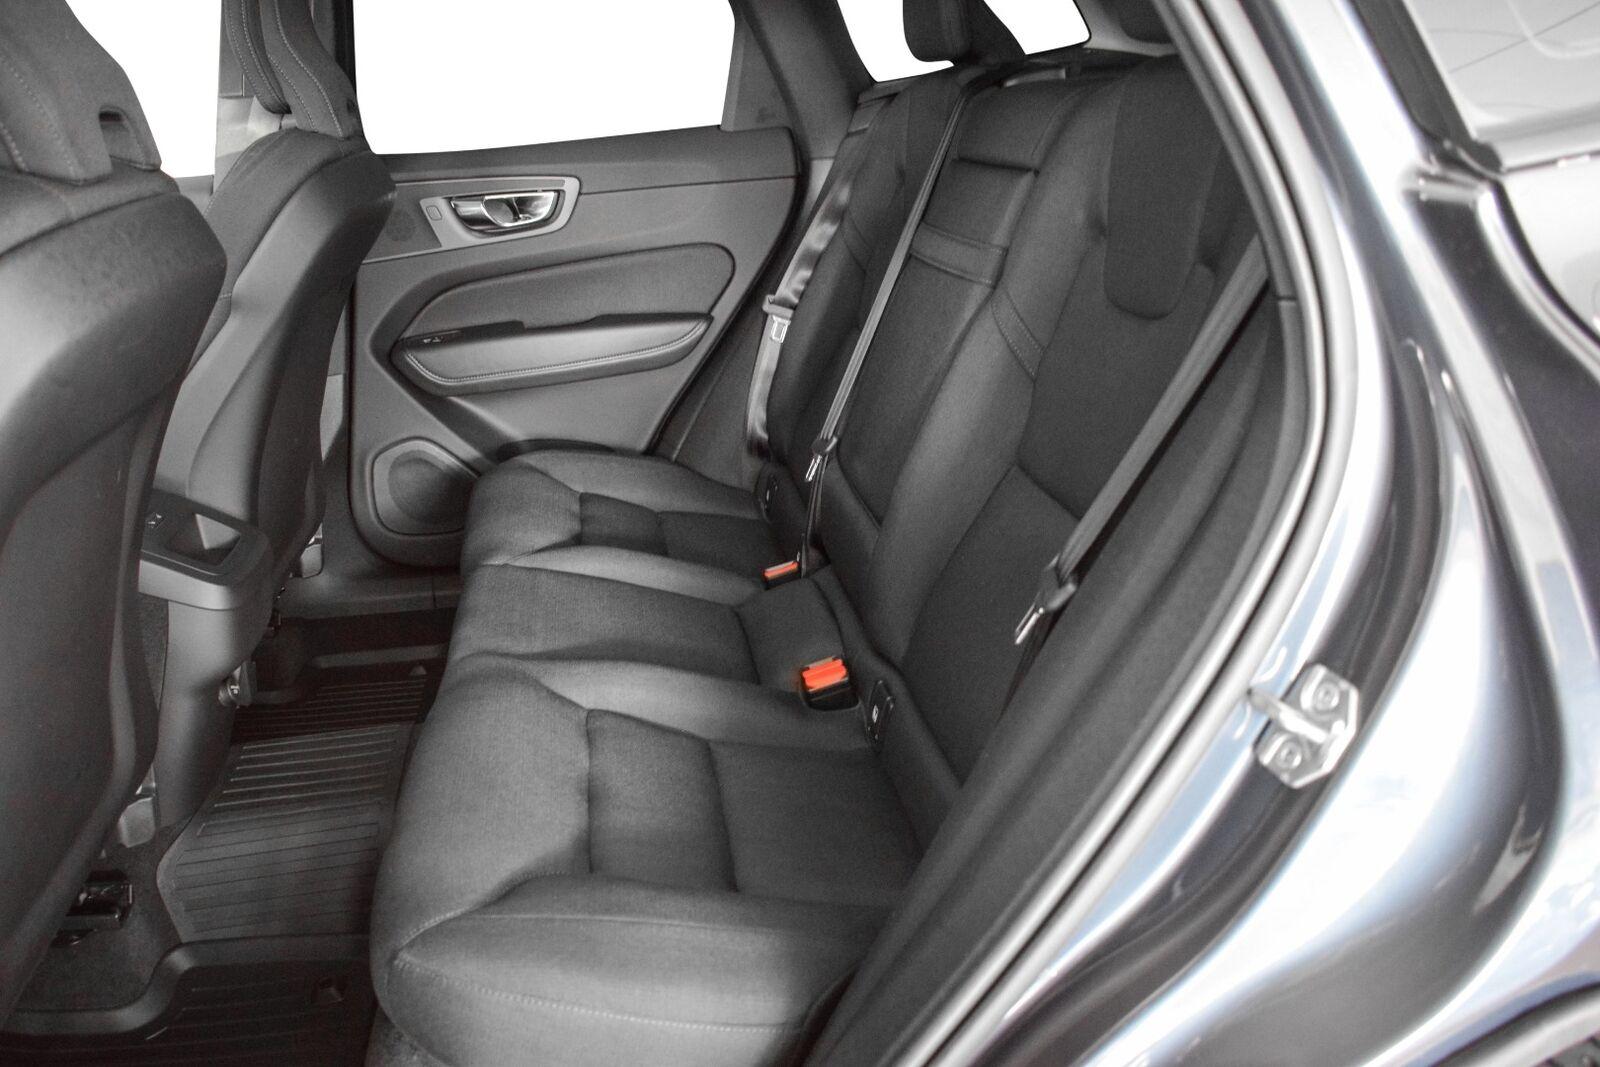 Volvo XC60 2,0 D4 190 Momentum aut. - billede 7